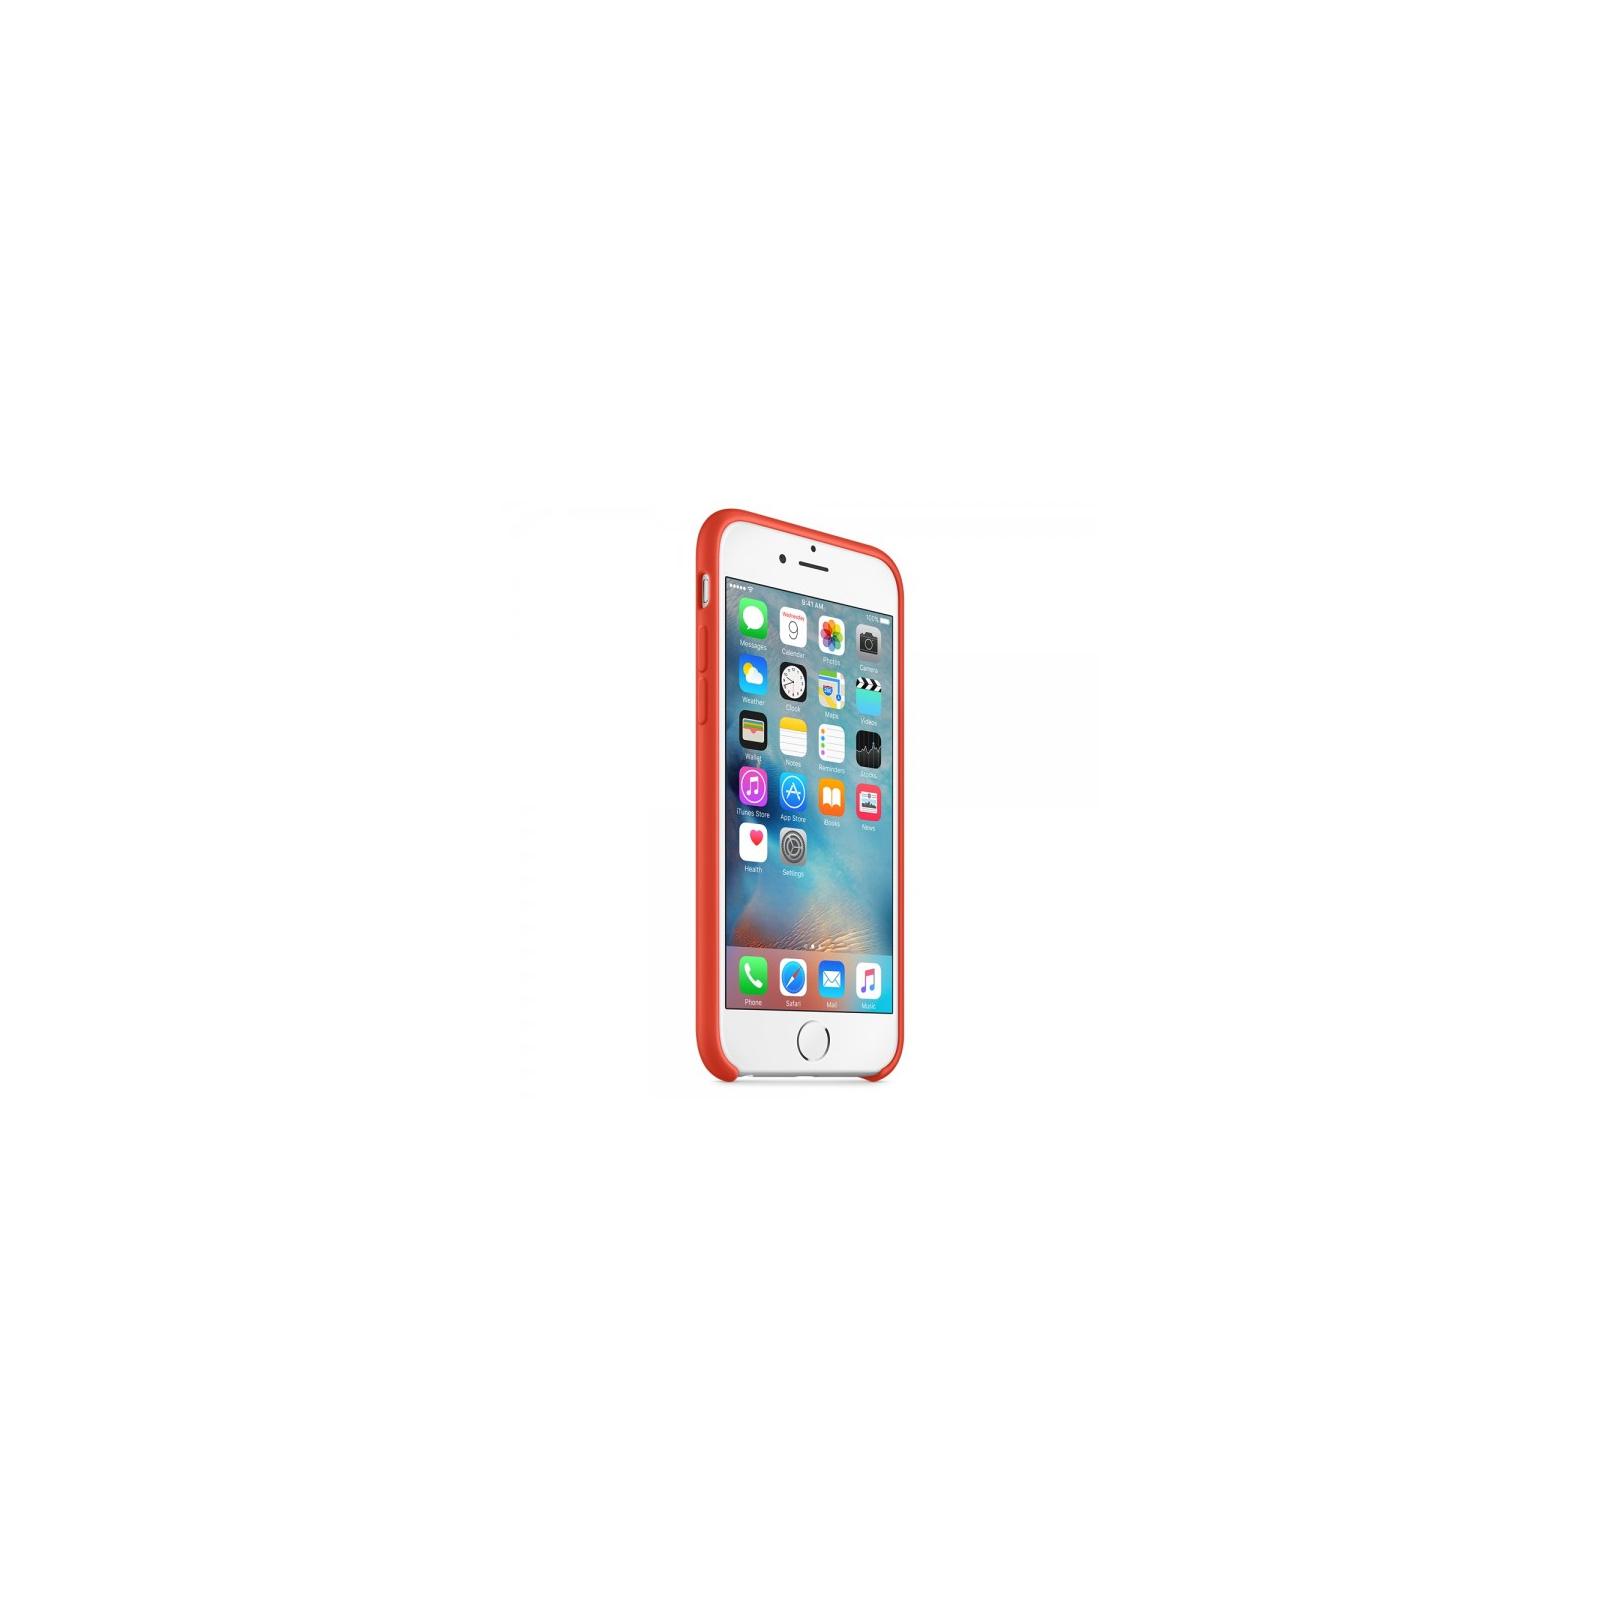 Чехол для моб. телефона Apple для iPhone 6/6s Orange (MKY62ZM/A) изображение 3